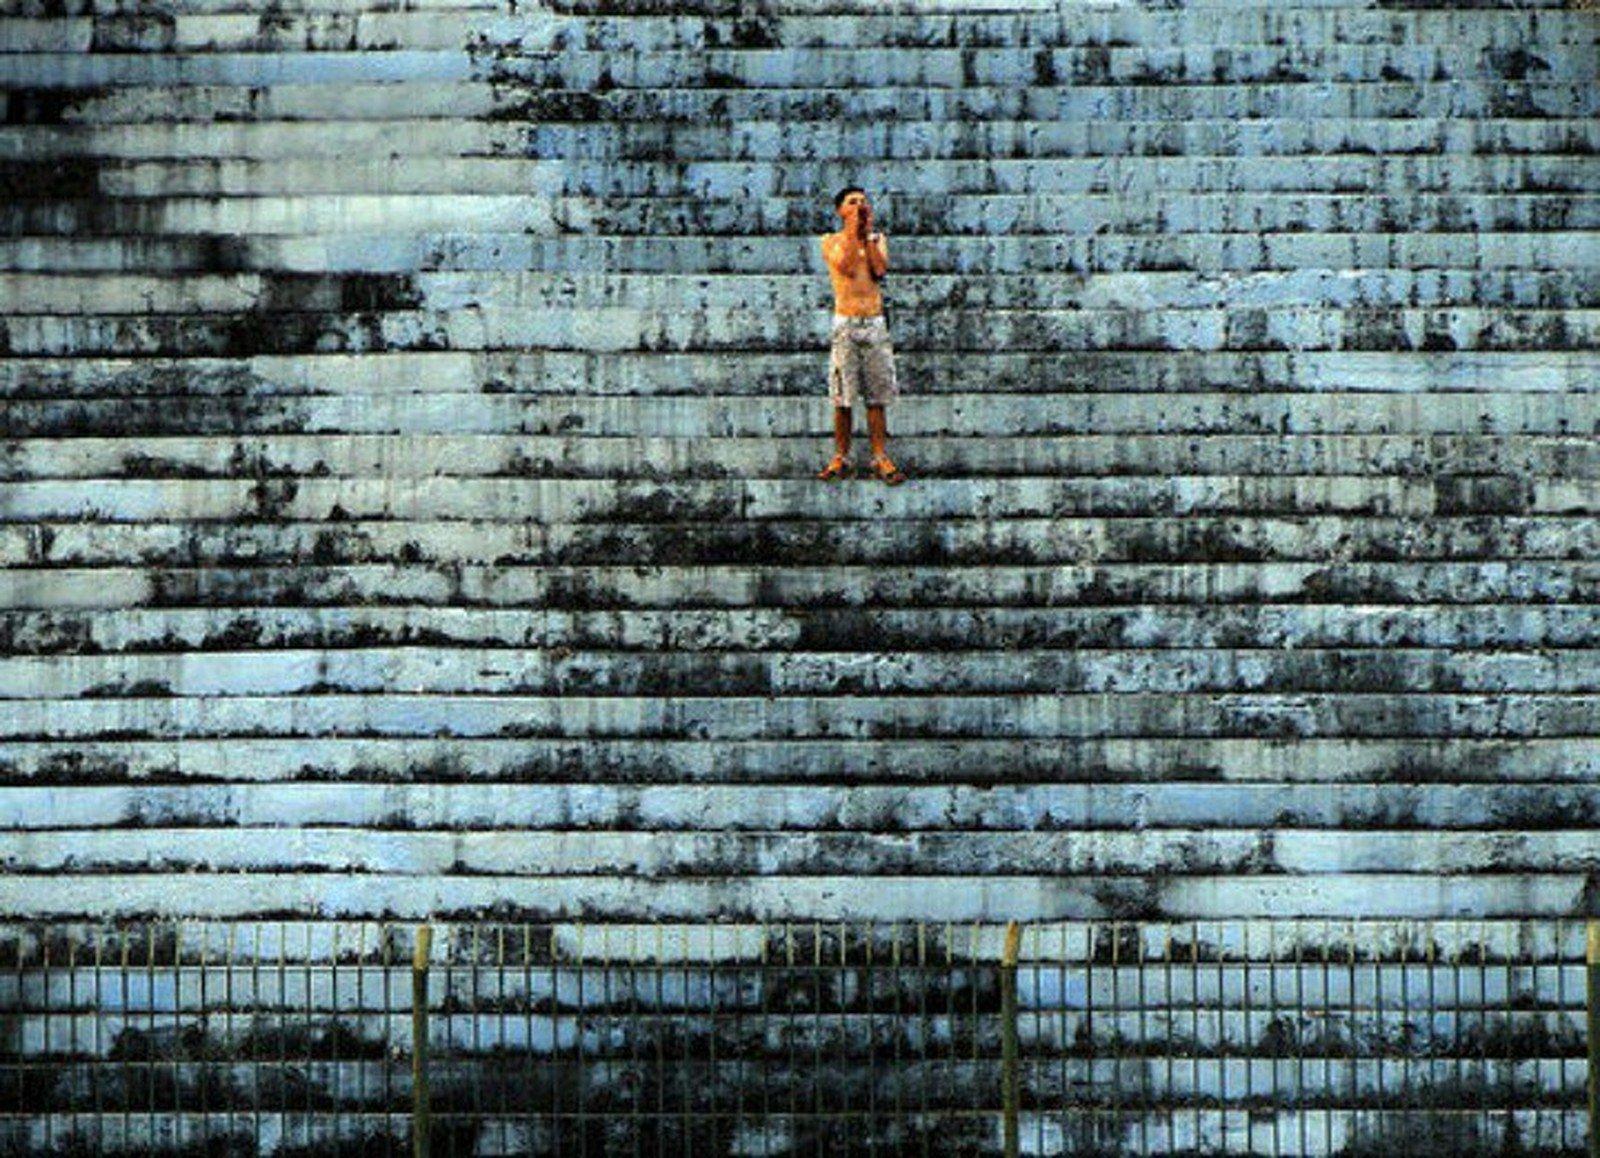 Thumbnail for Solamente un hincha fue a ver al Angra dos Reis